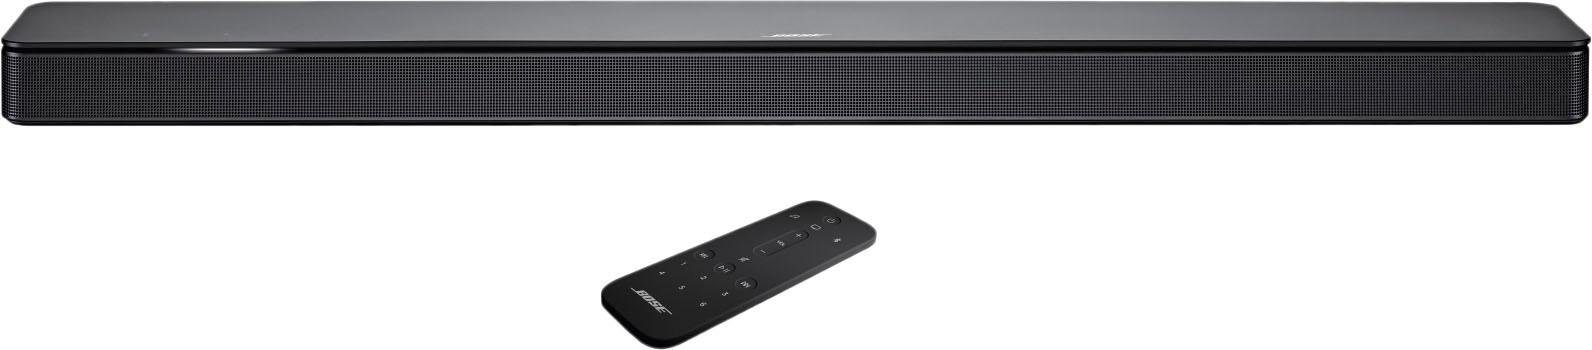 Bose Soundbar 500 Soundbar (Bluetooth, WLAN (WiFi), App-Steuerung, Mikrofon, Multiroom, Sprachsteuerung)